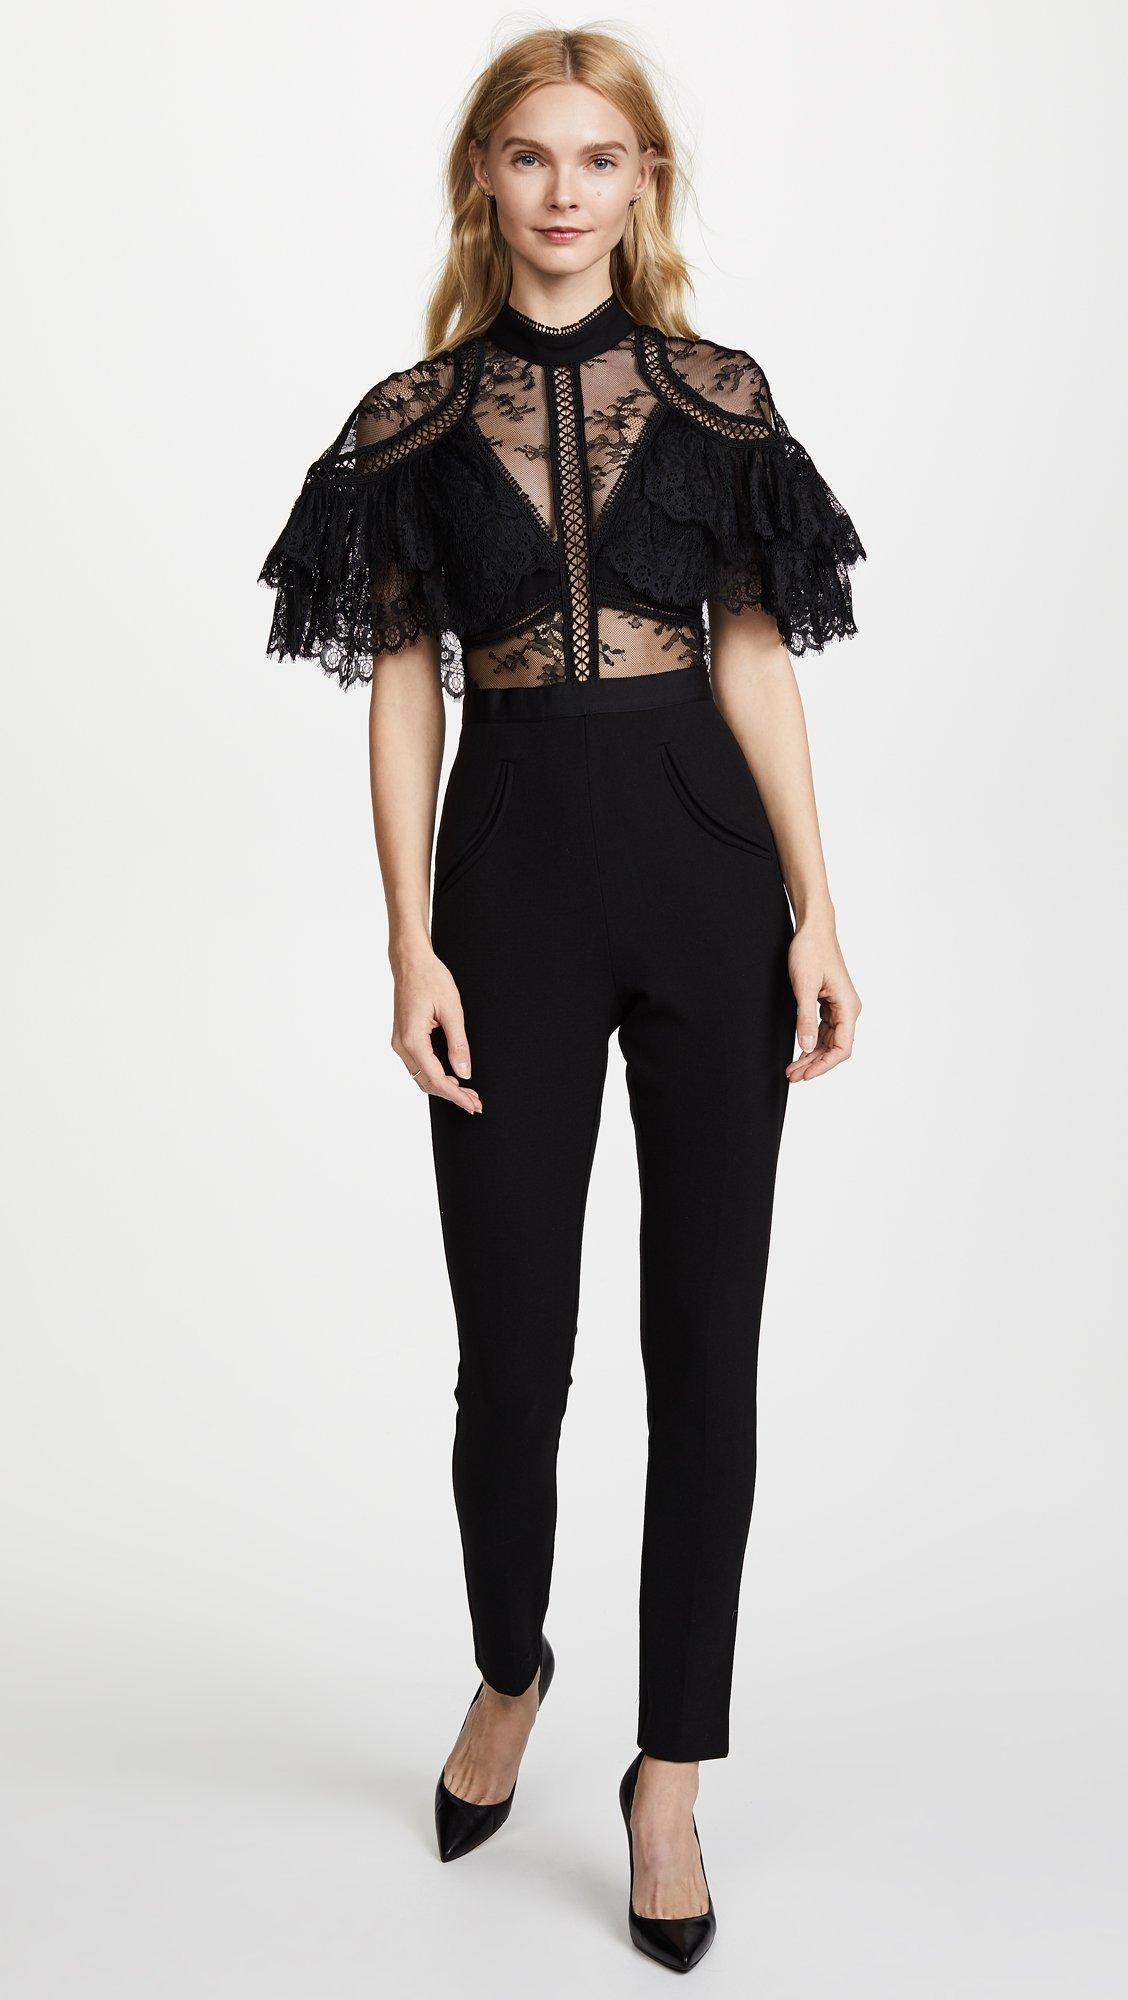 Self Portrait Women's Fine Lace Paneled Jumpsuit, Black, 8 by Self Portrait (Image #2)